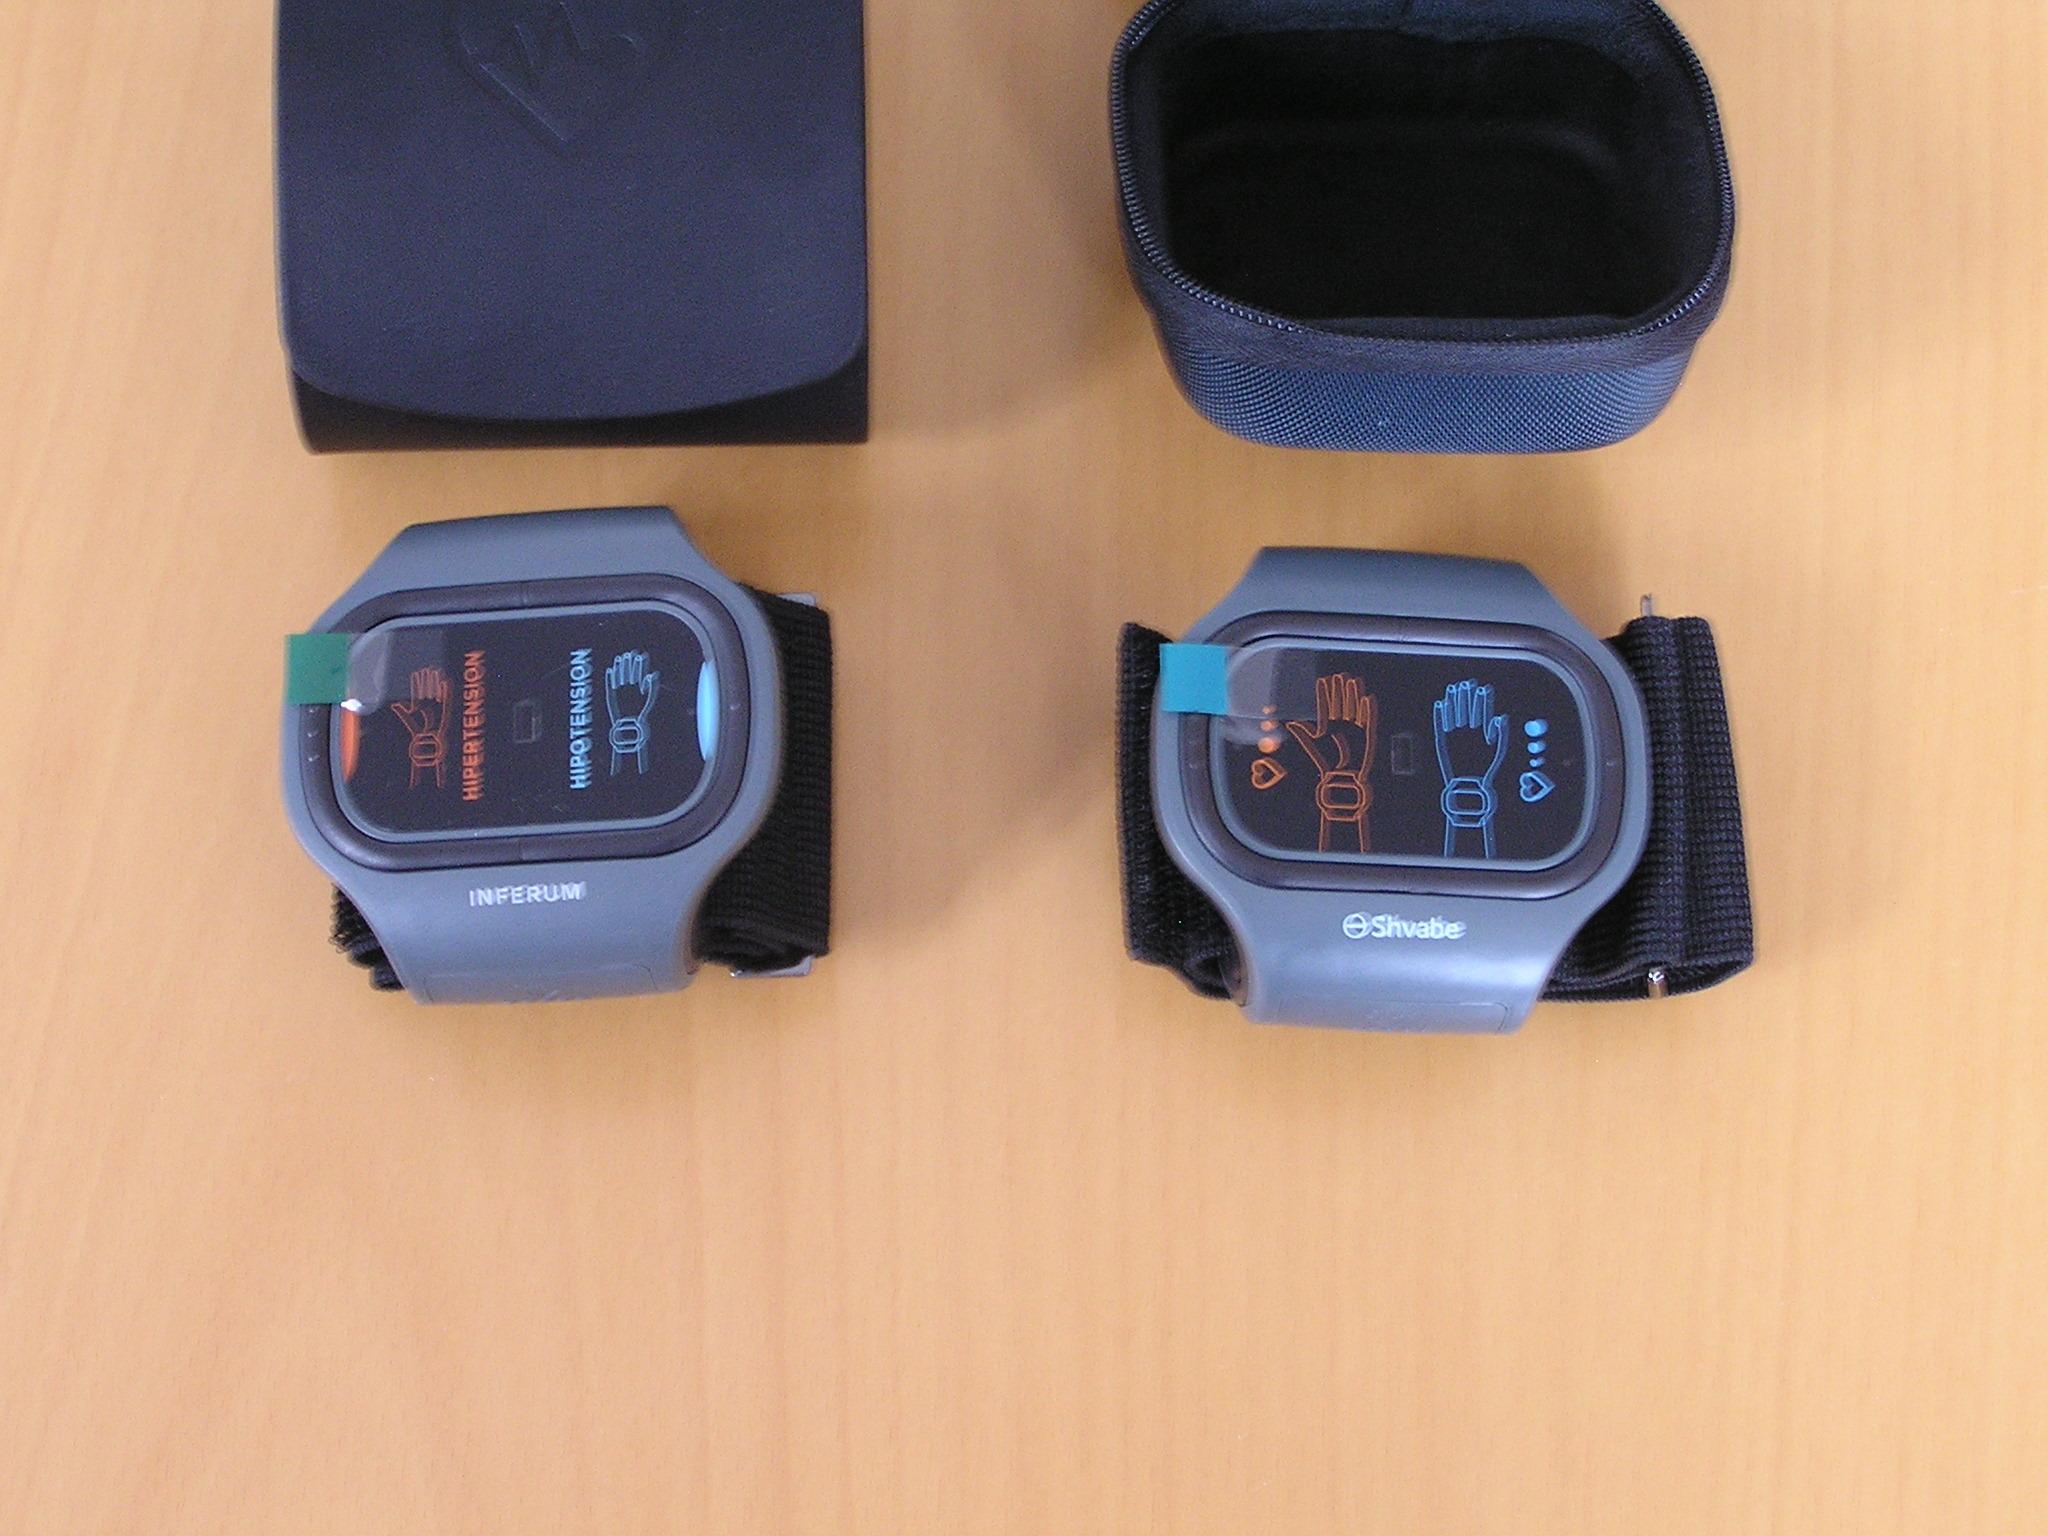 Inferum ABP 051, links altes und rechts neues Design